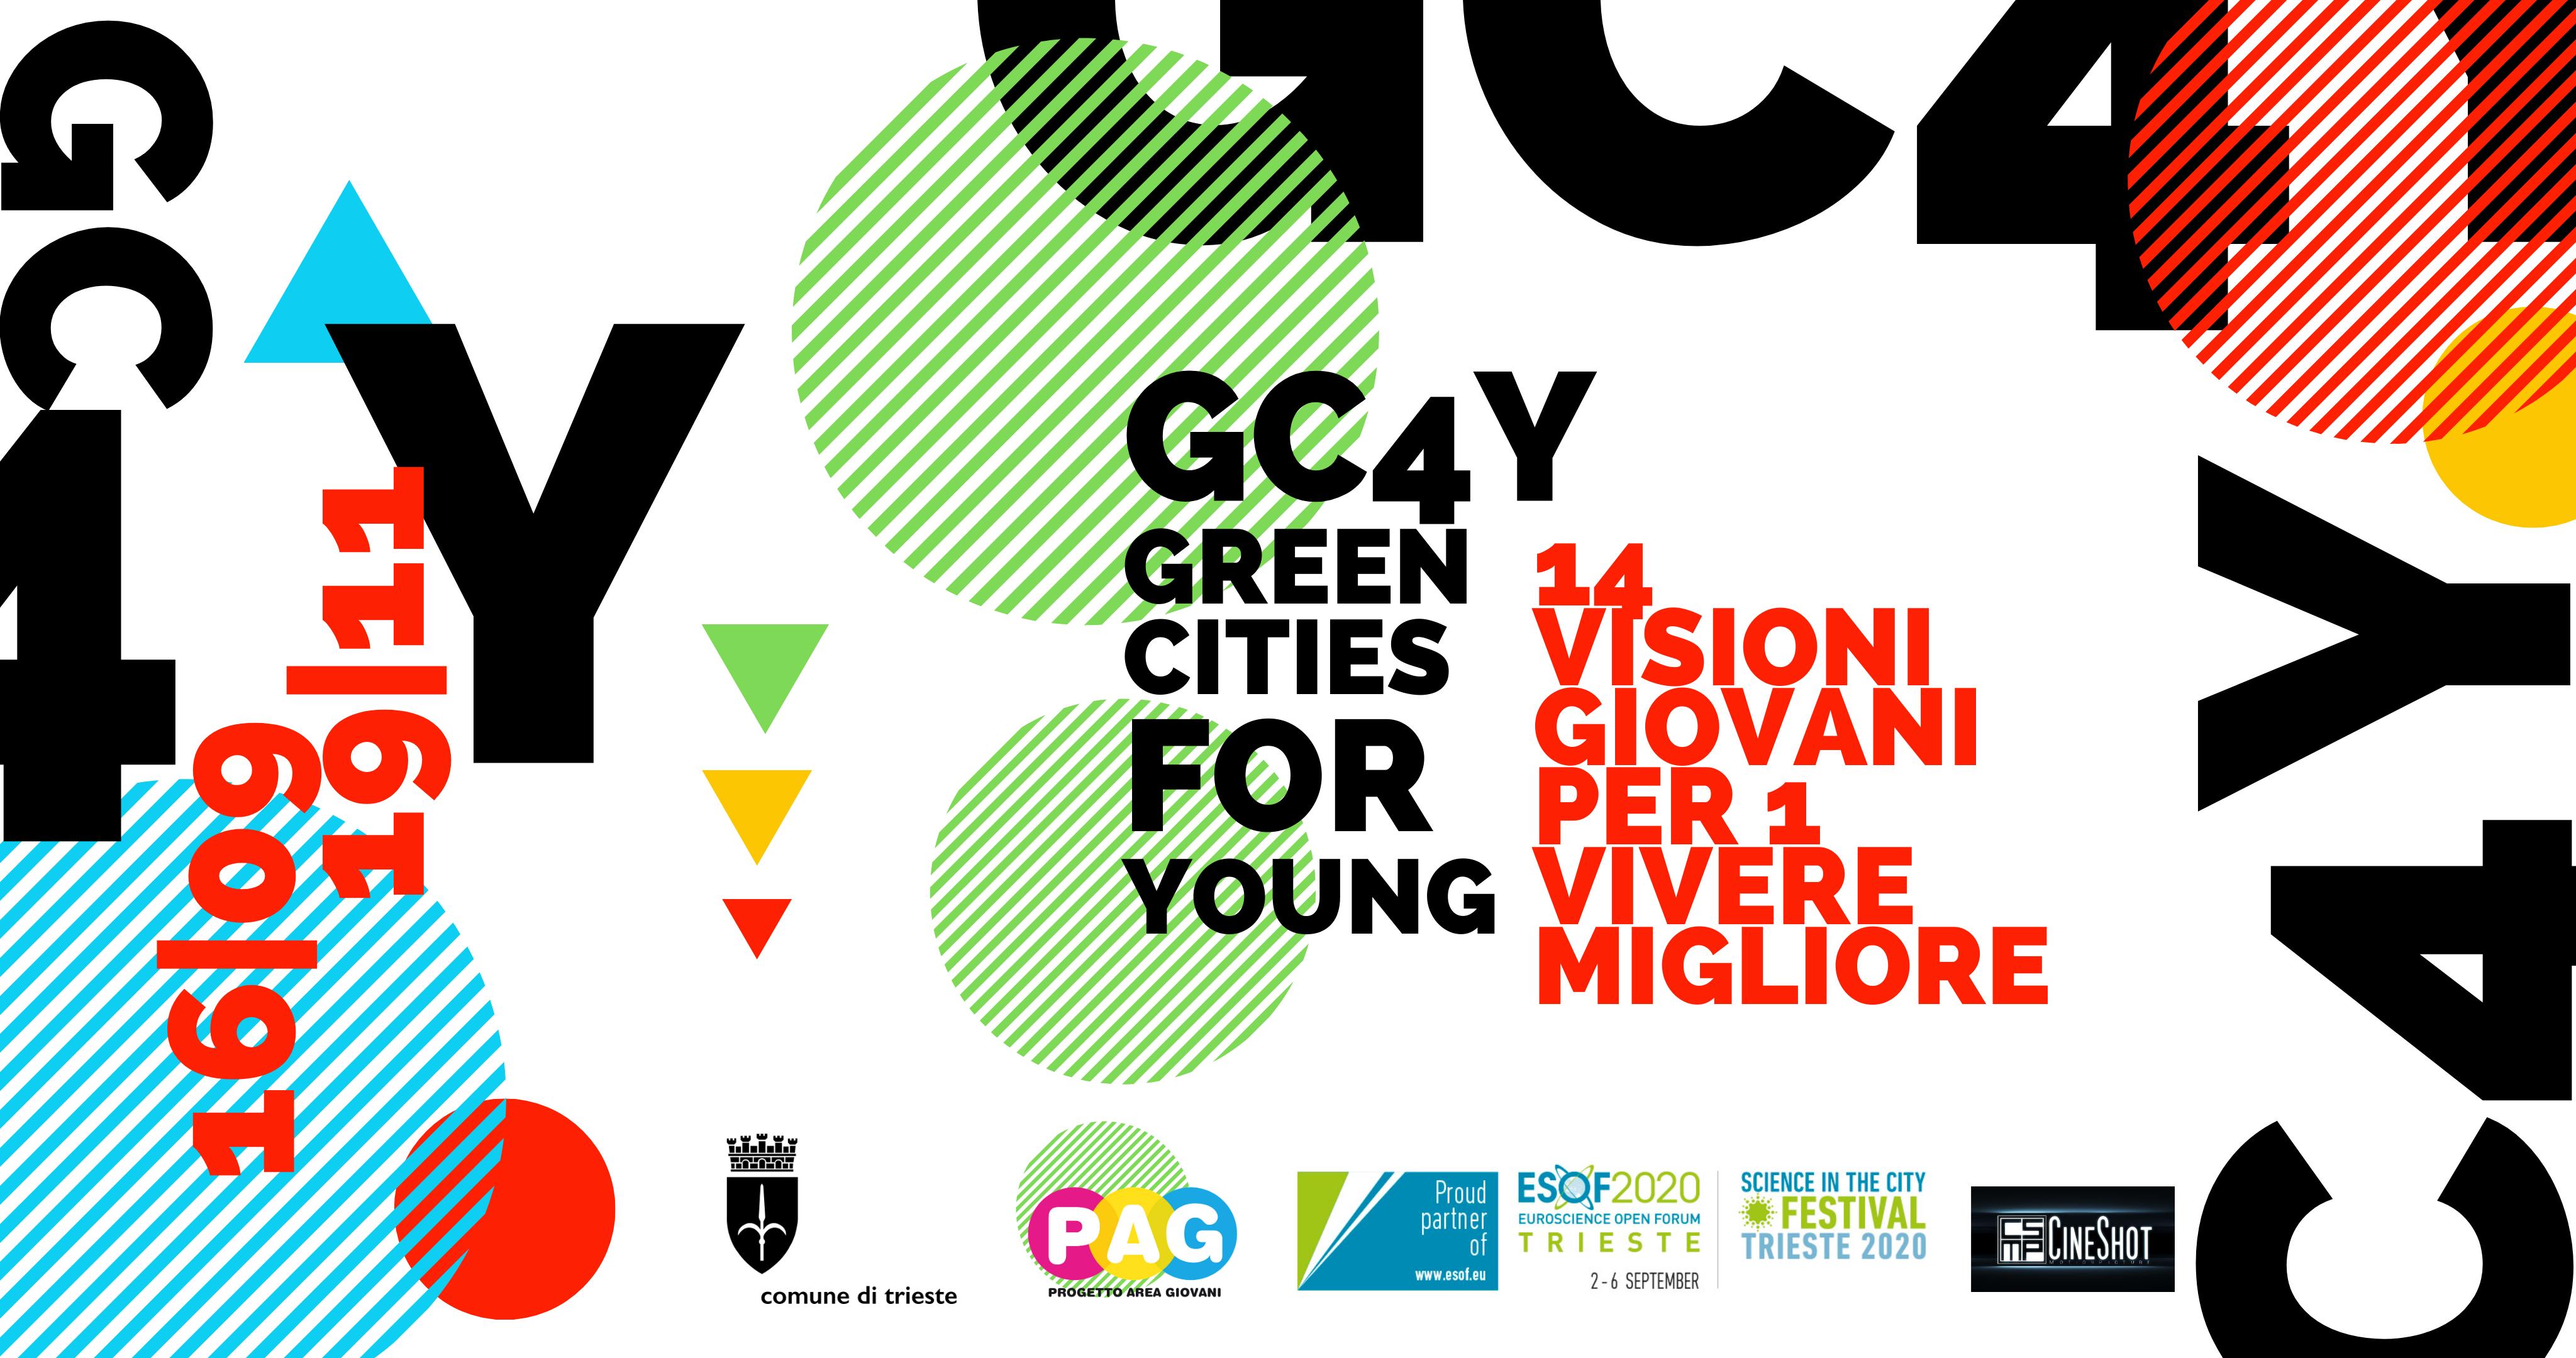 gc4y-video-promo-con-loghi